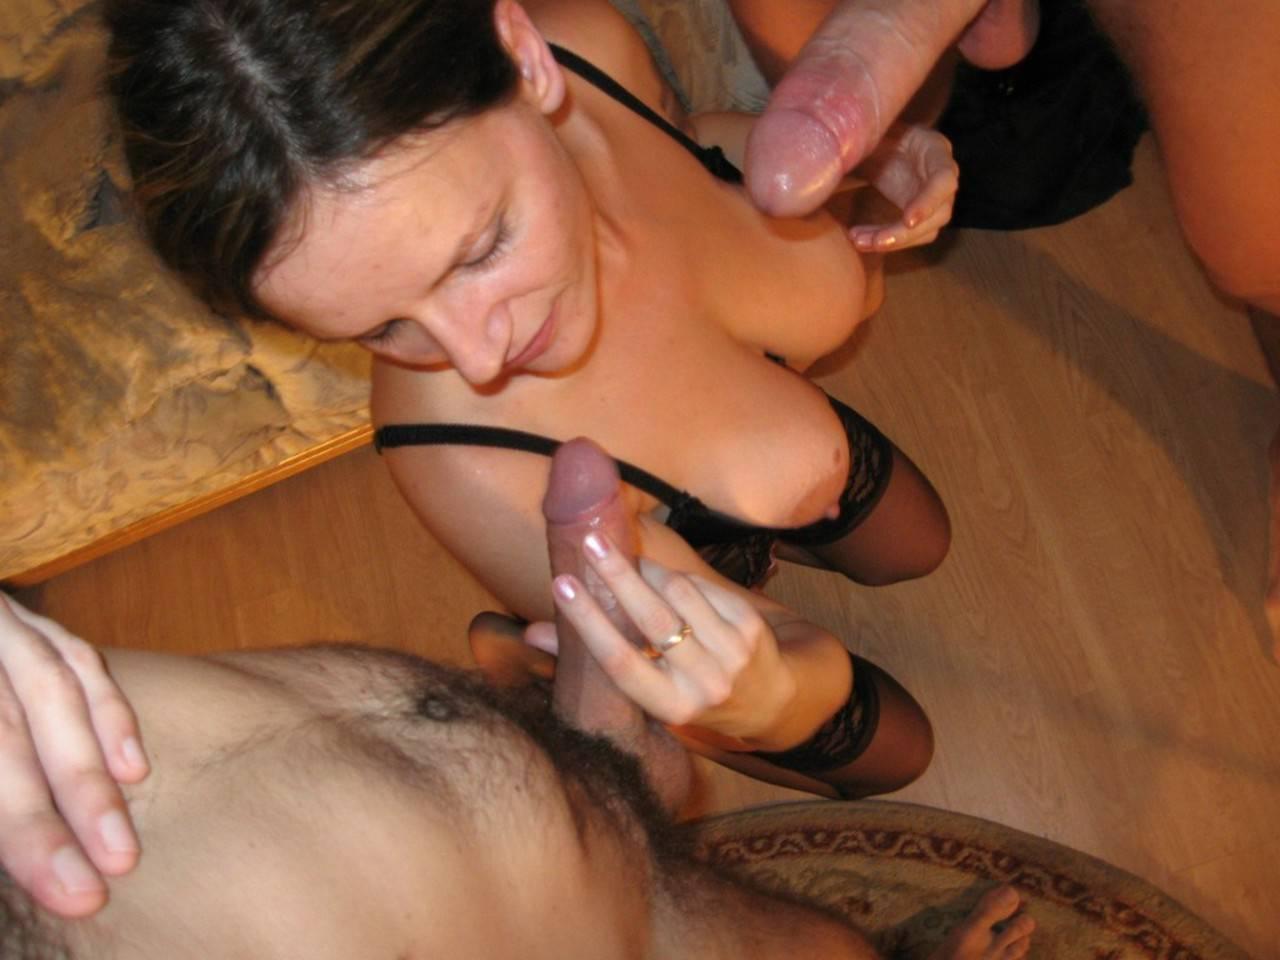 Порно жена сосет любовников муж смотрит